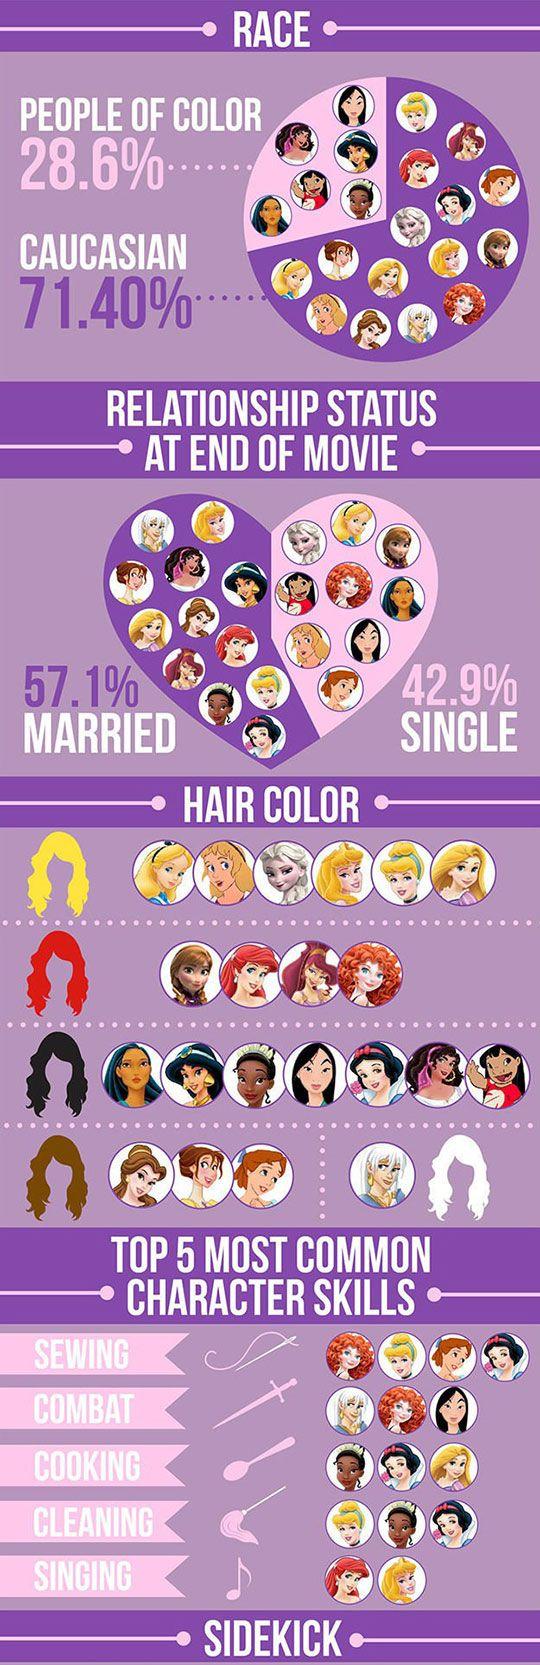 Tengo demasiadas dudas sobre Jane!!! Algunas ni recuerdo cuando se casaron!!! Y creo que Mulan no termina soltera!!! Dunno